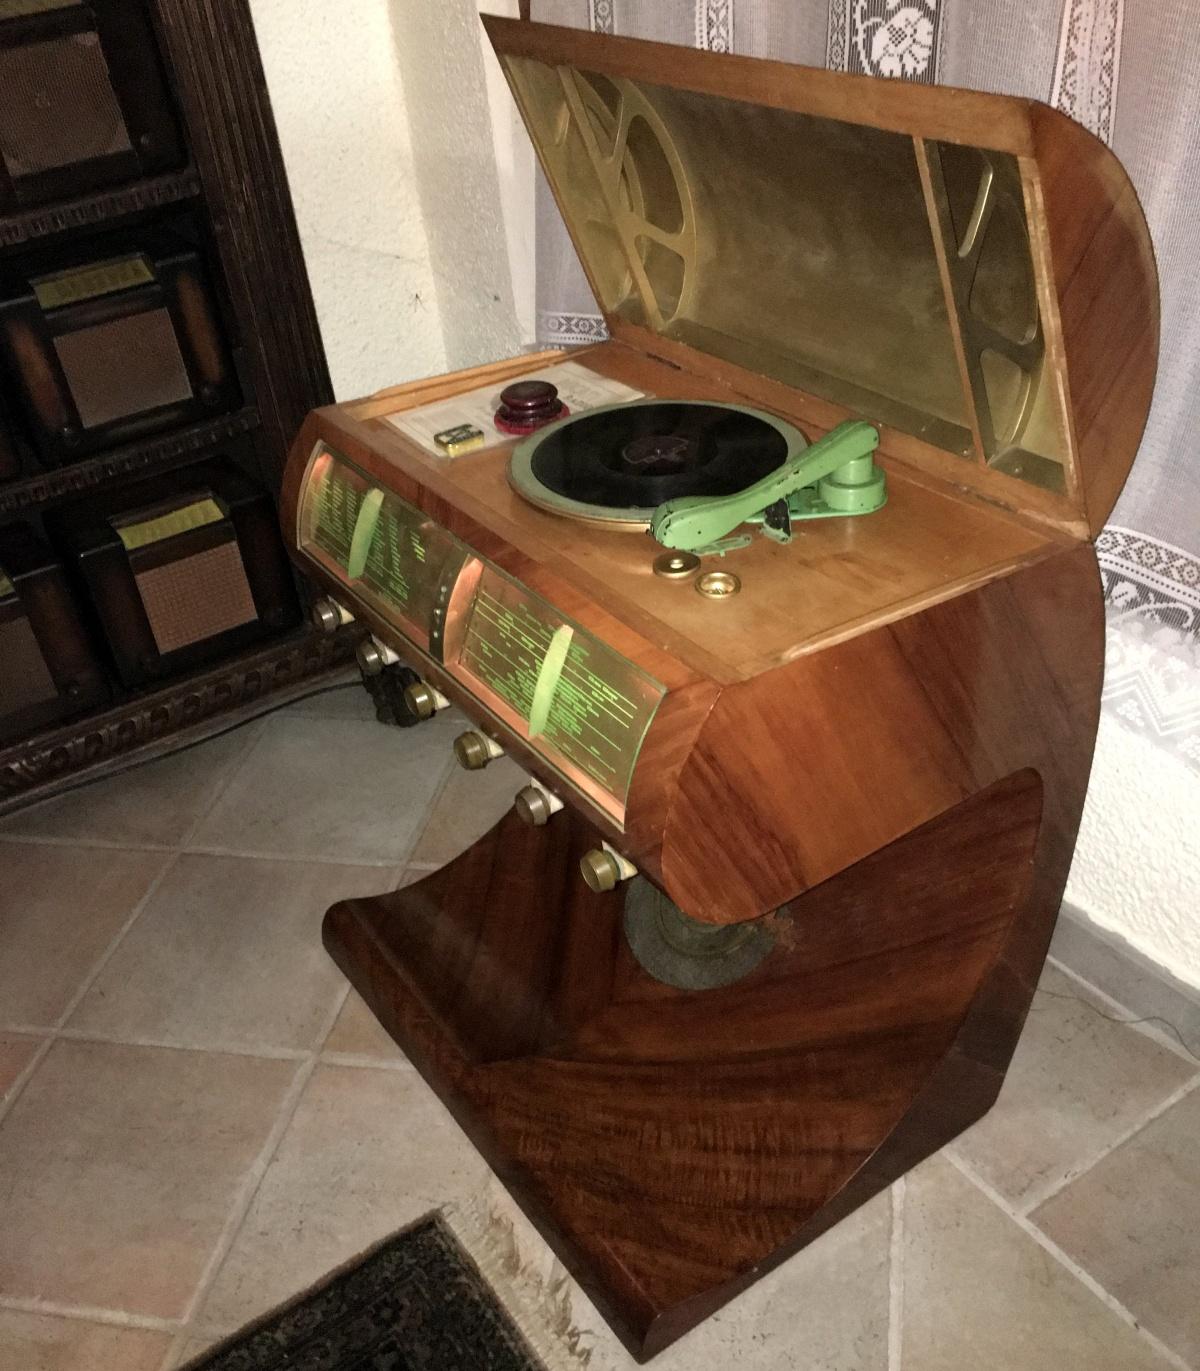 Faccetta nera, disco originale test su Ducati 4401 (Papale)